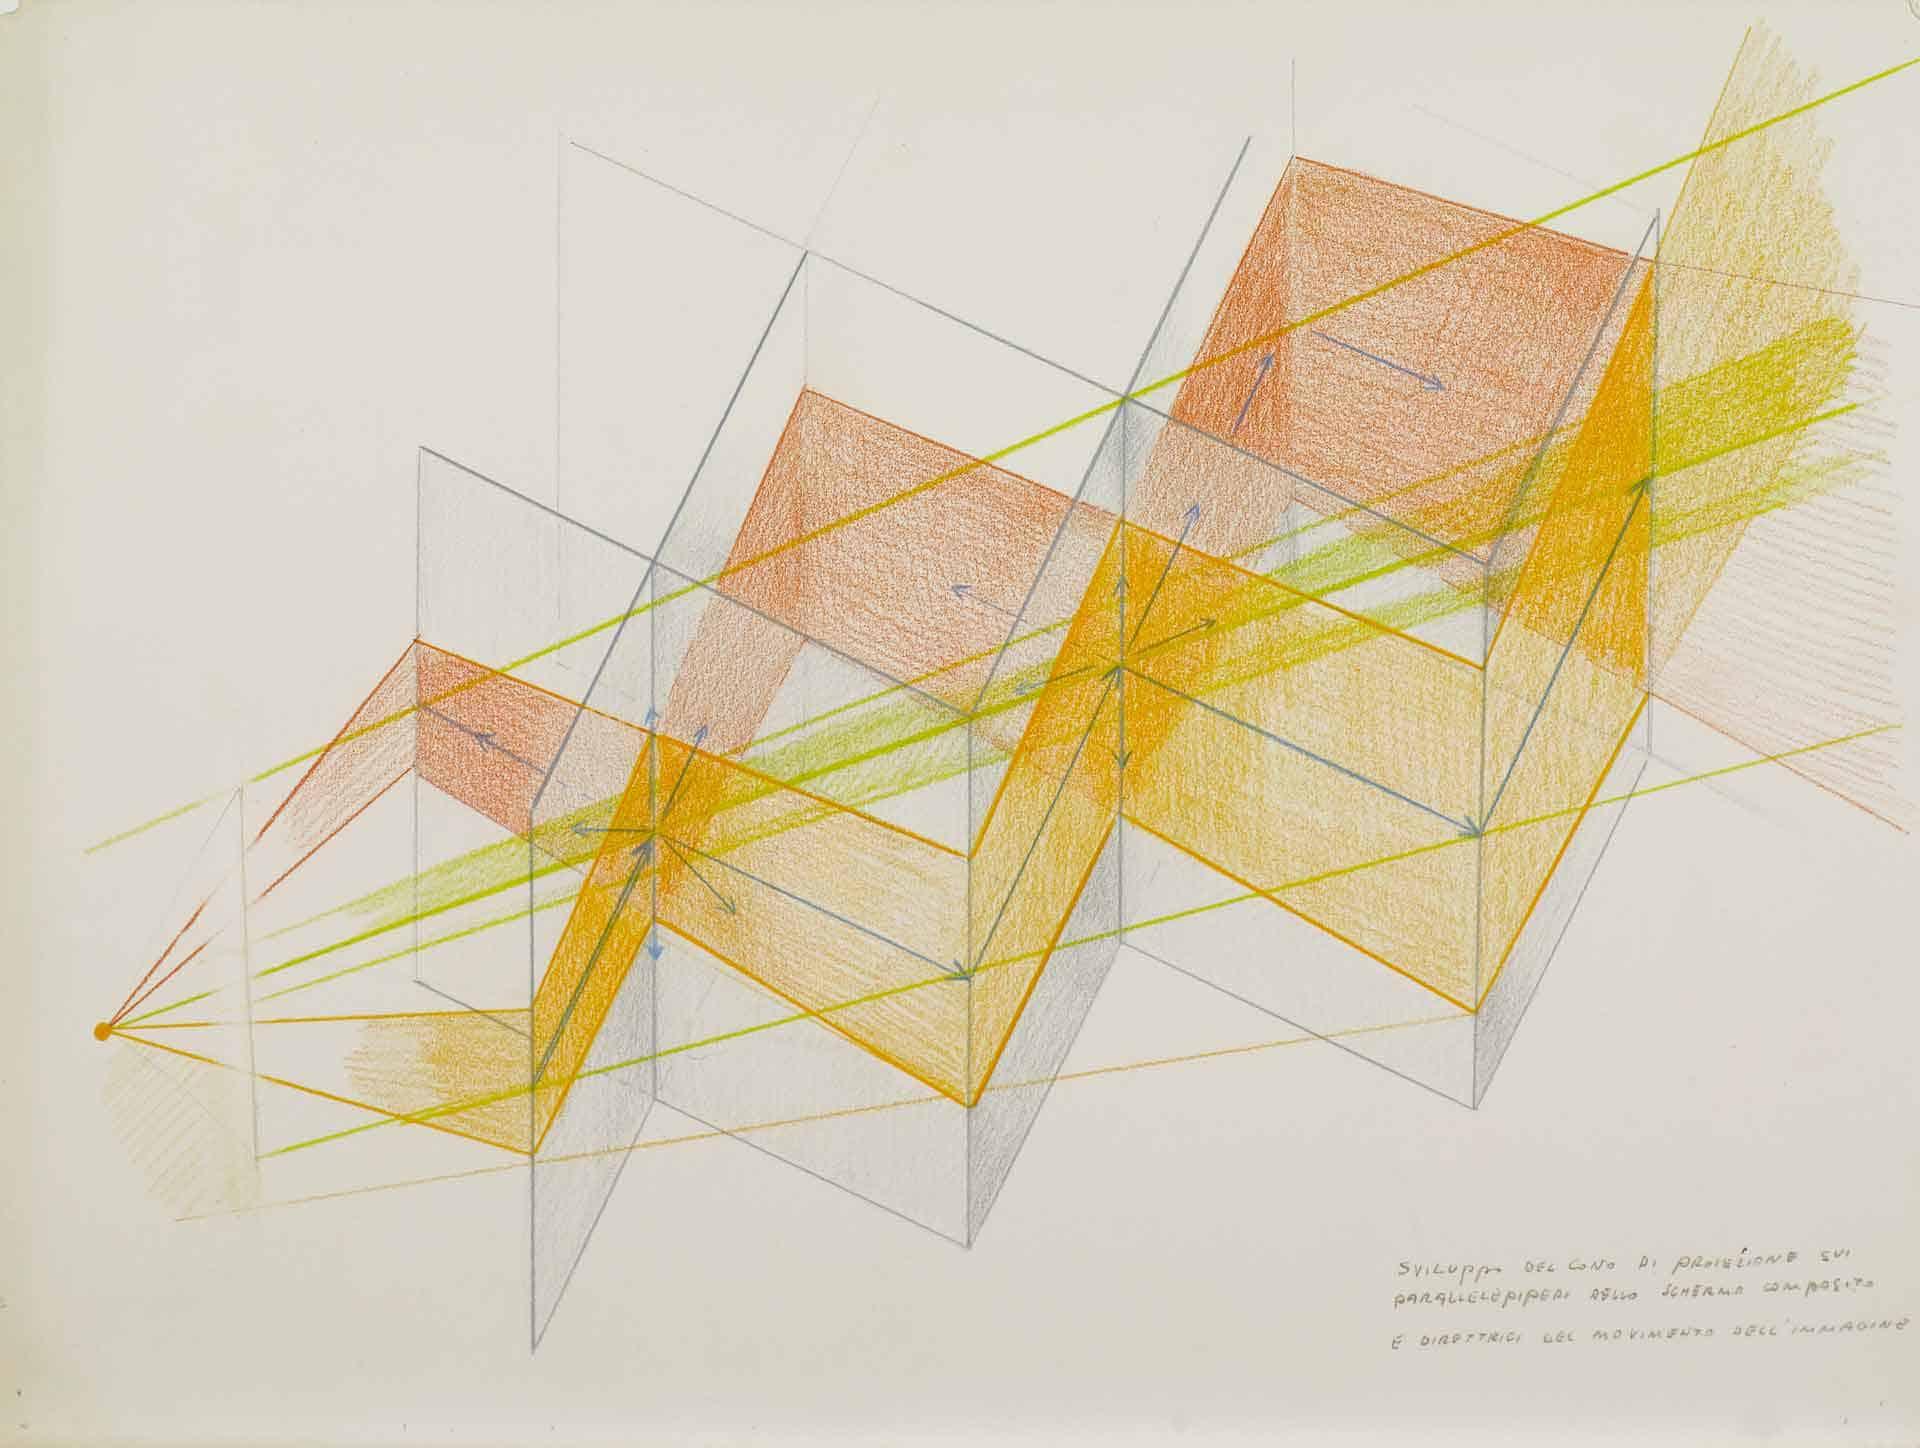 Marinella Pirelli, «Raumslide 4», 1968-69 ca., pastelli su carta, 30 x 40 cm, foto Saporetti Immagine d'Arte Snc, Courtesy Archivio Marinella Pirelli.